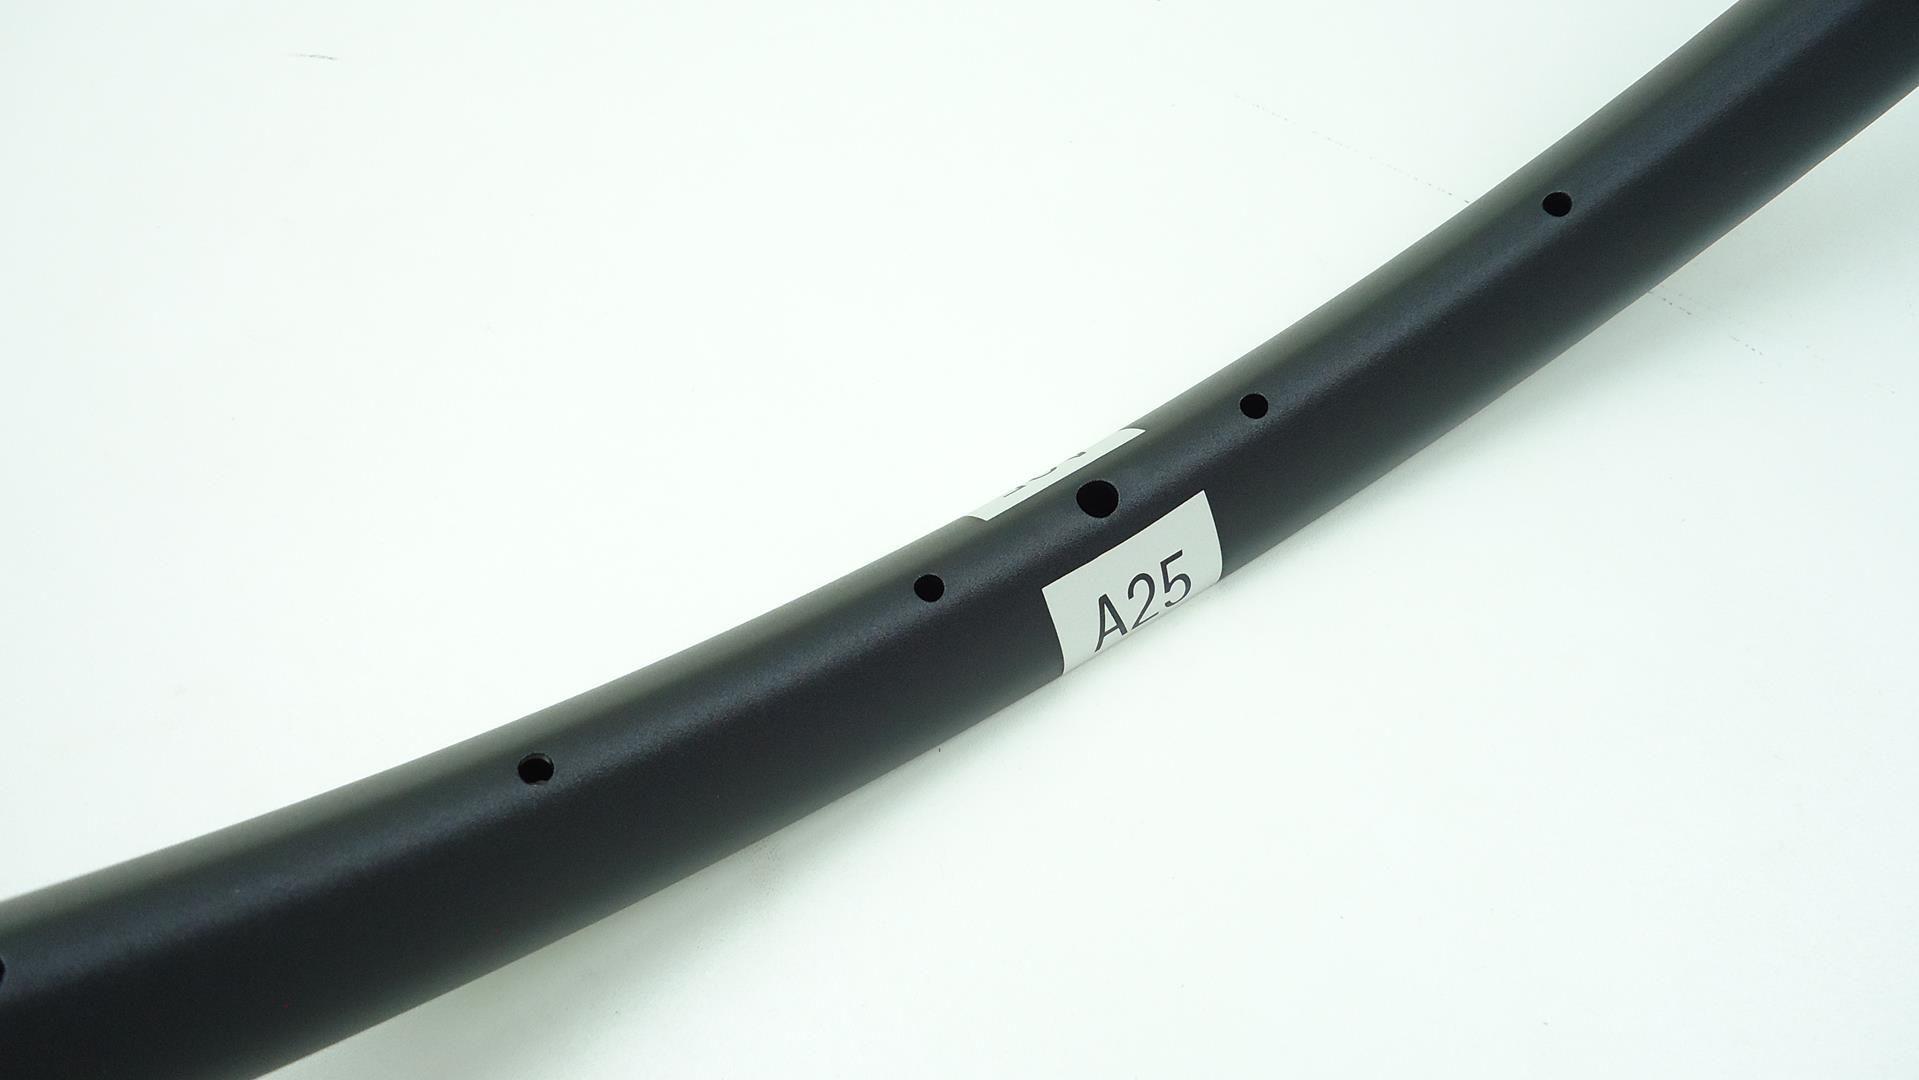 Par de Aros Bicicleta 29 MTB Session A25 em Aluminio 32 Furos Tubeless Largura 29mm Cor Preto